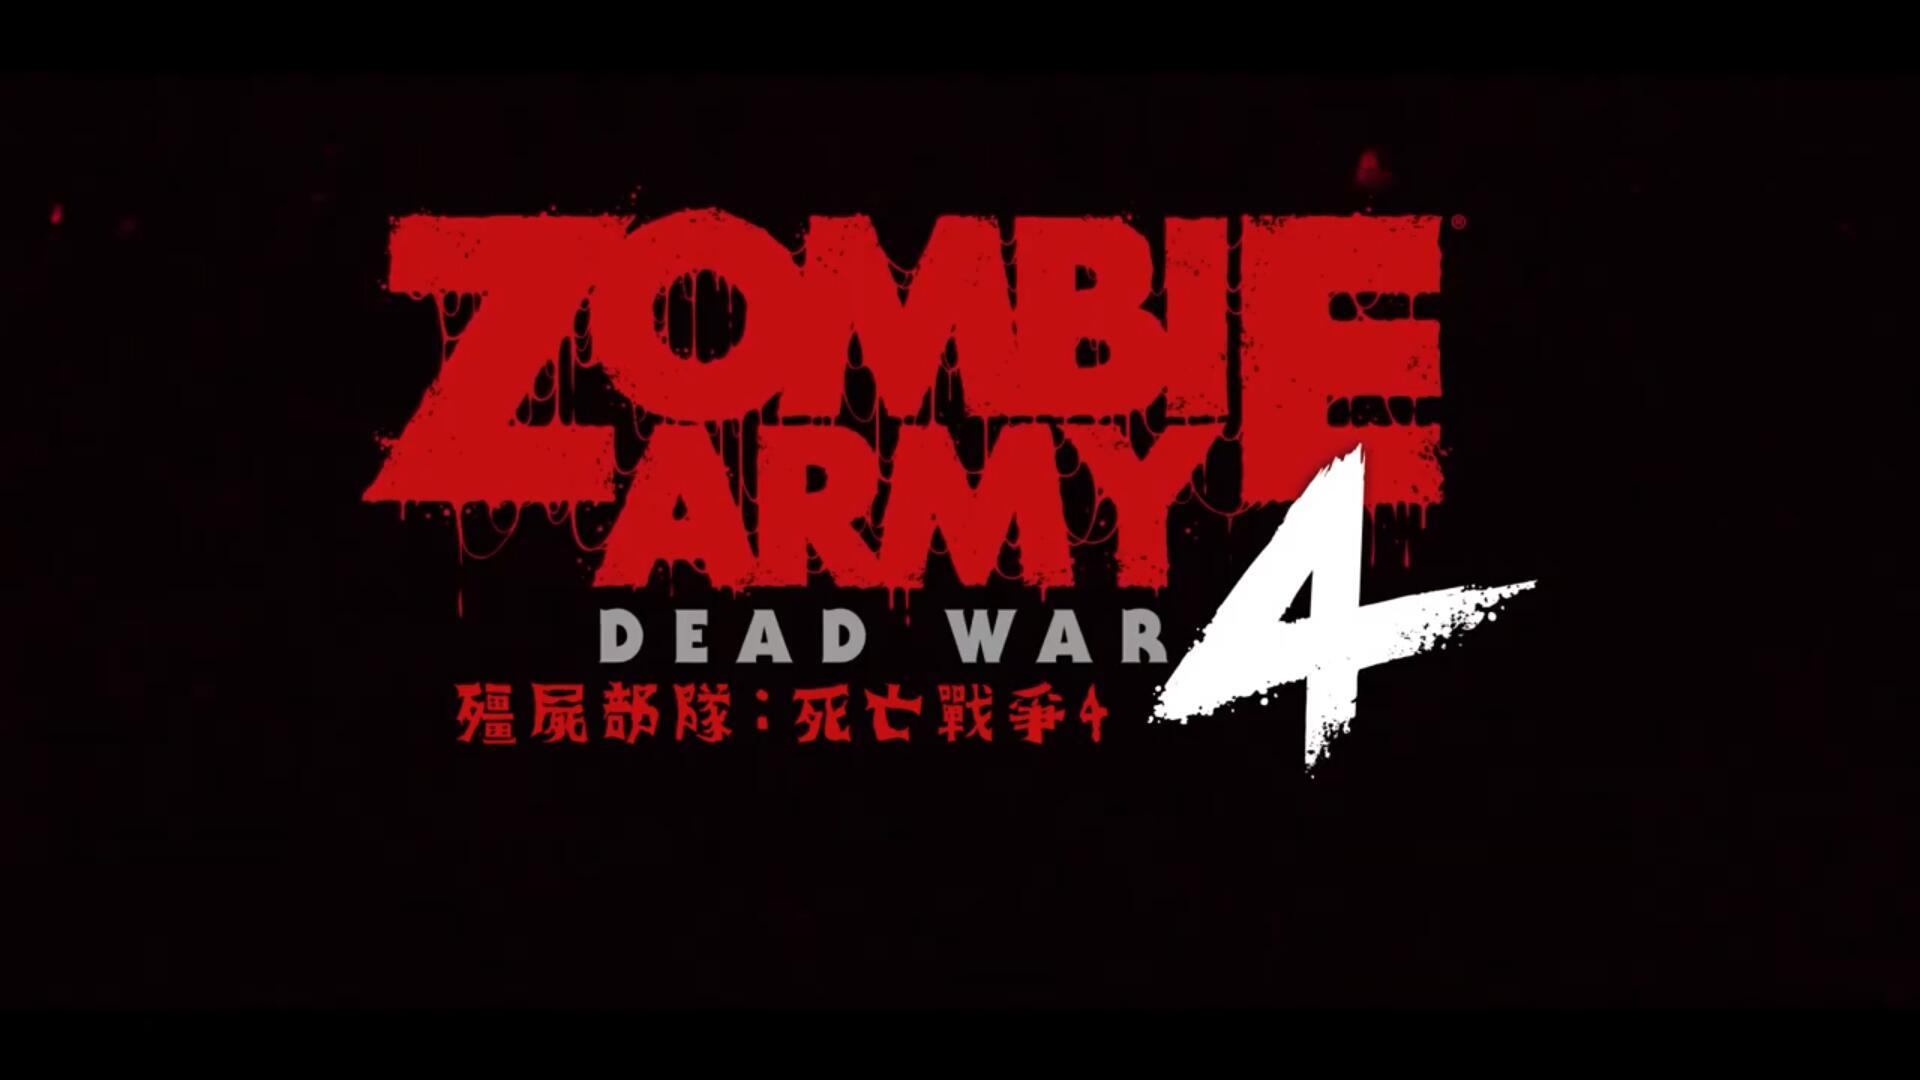 《僵尸部队:死亡战争4》公布中文字幕实机展示